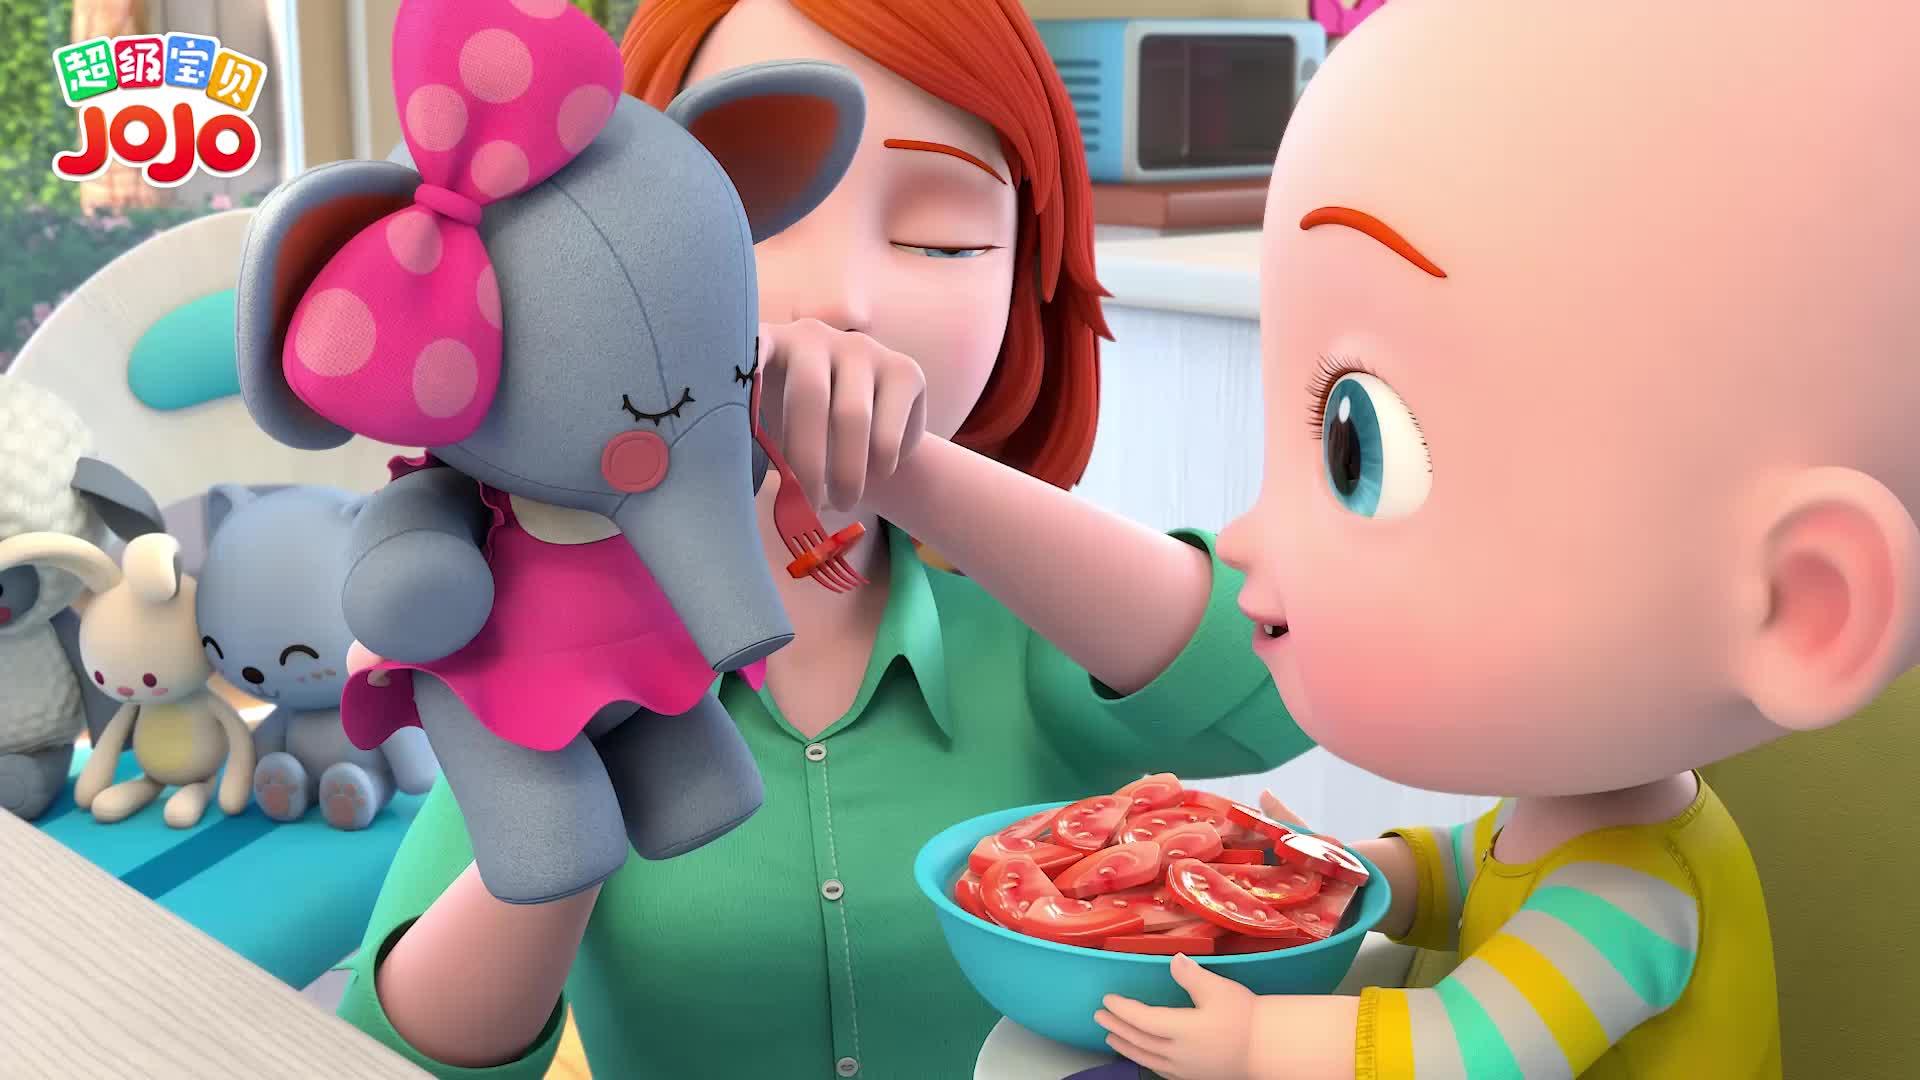 超级宝贝JOJO 第20集 爱吃蔬菜